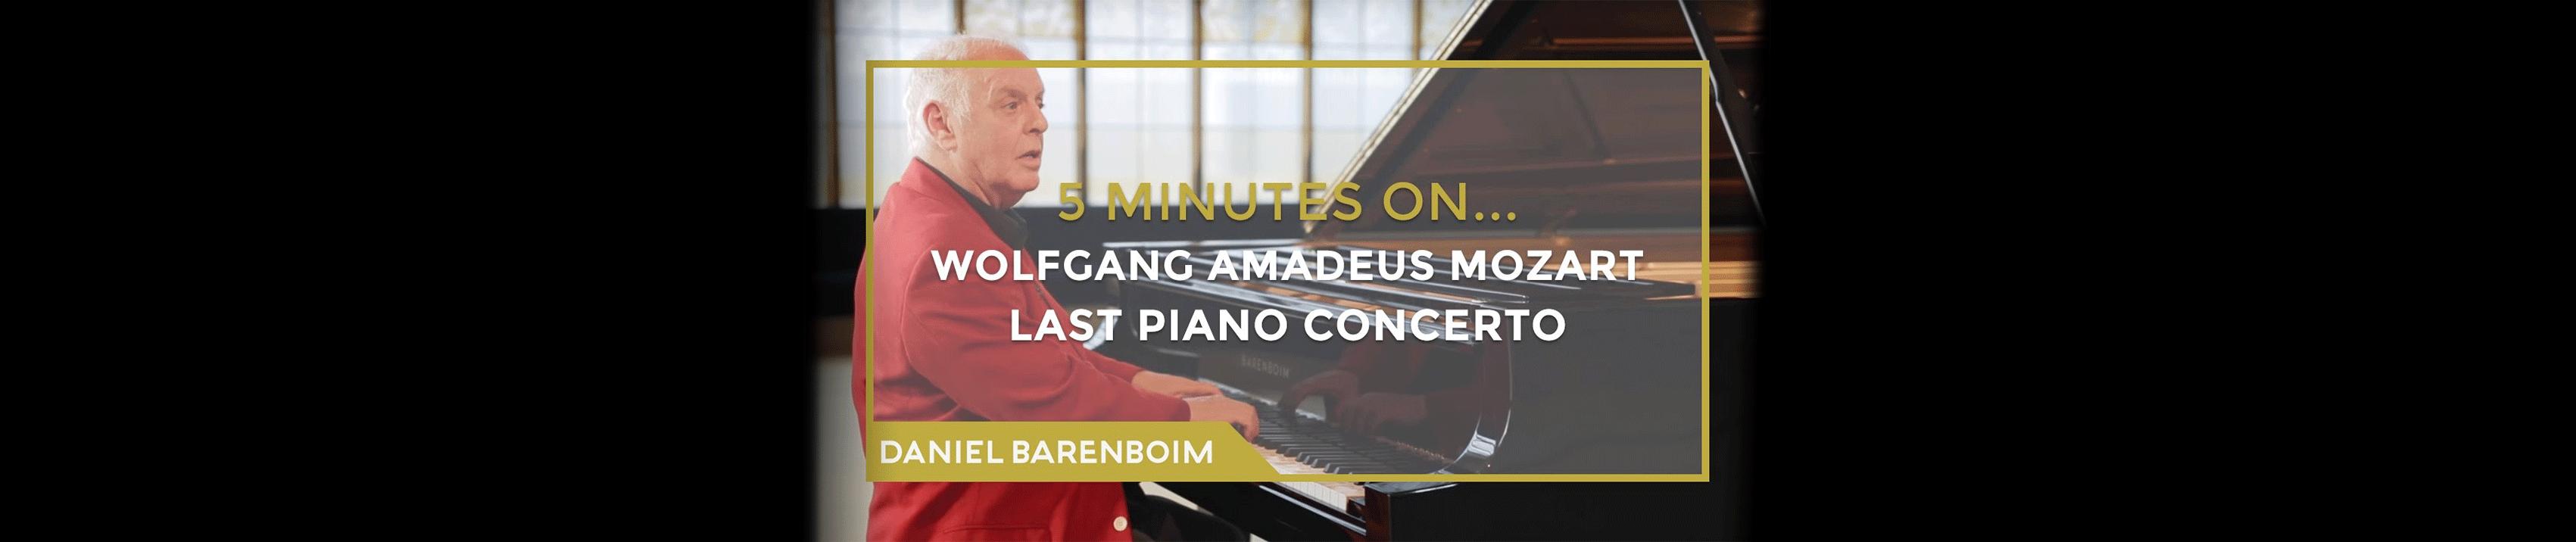 Daniel Barenboim, Mozart's Piano Concerto No. 27